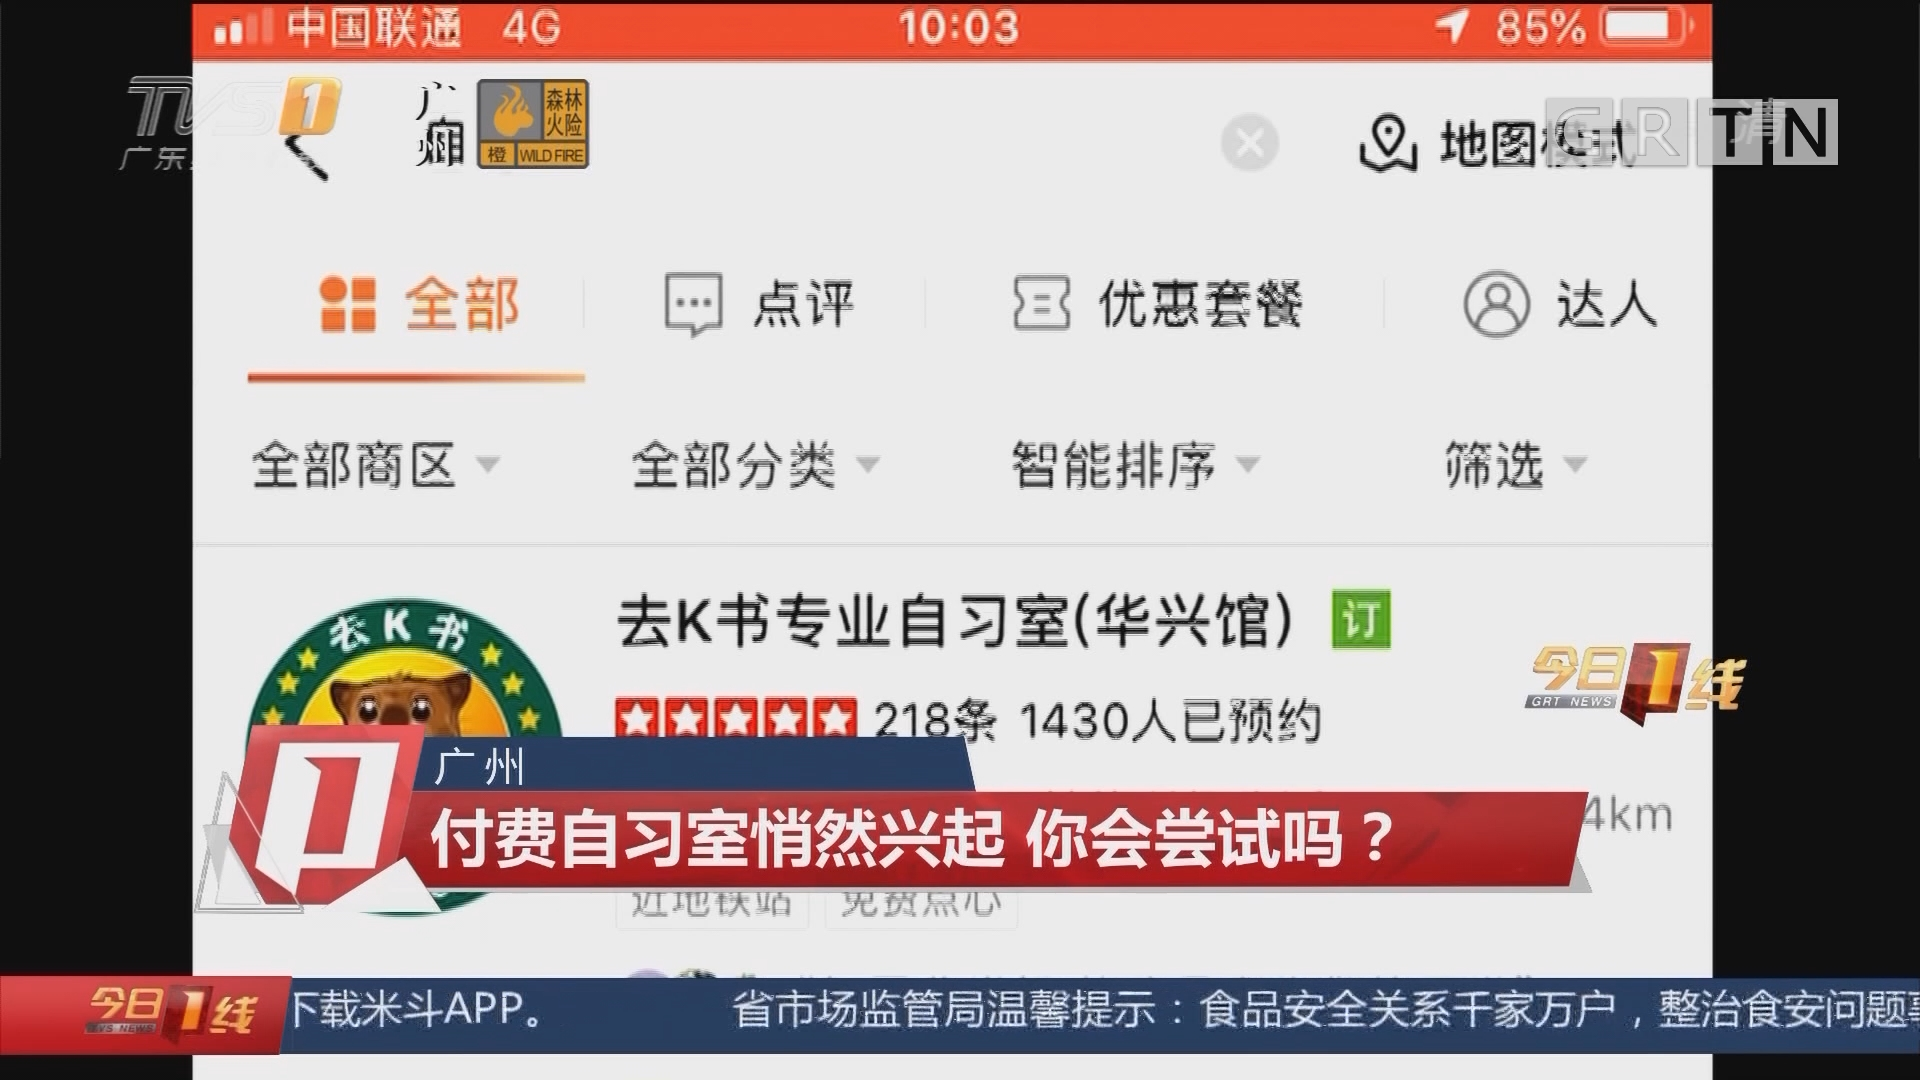 广州:付费自习室悄然兴起 你会尝试吗?